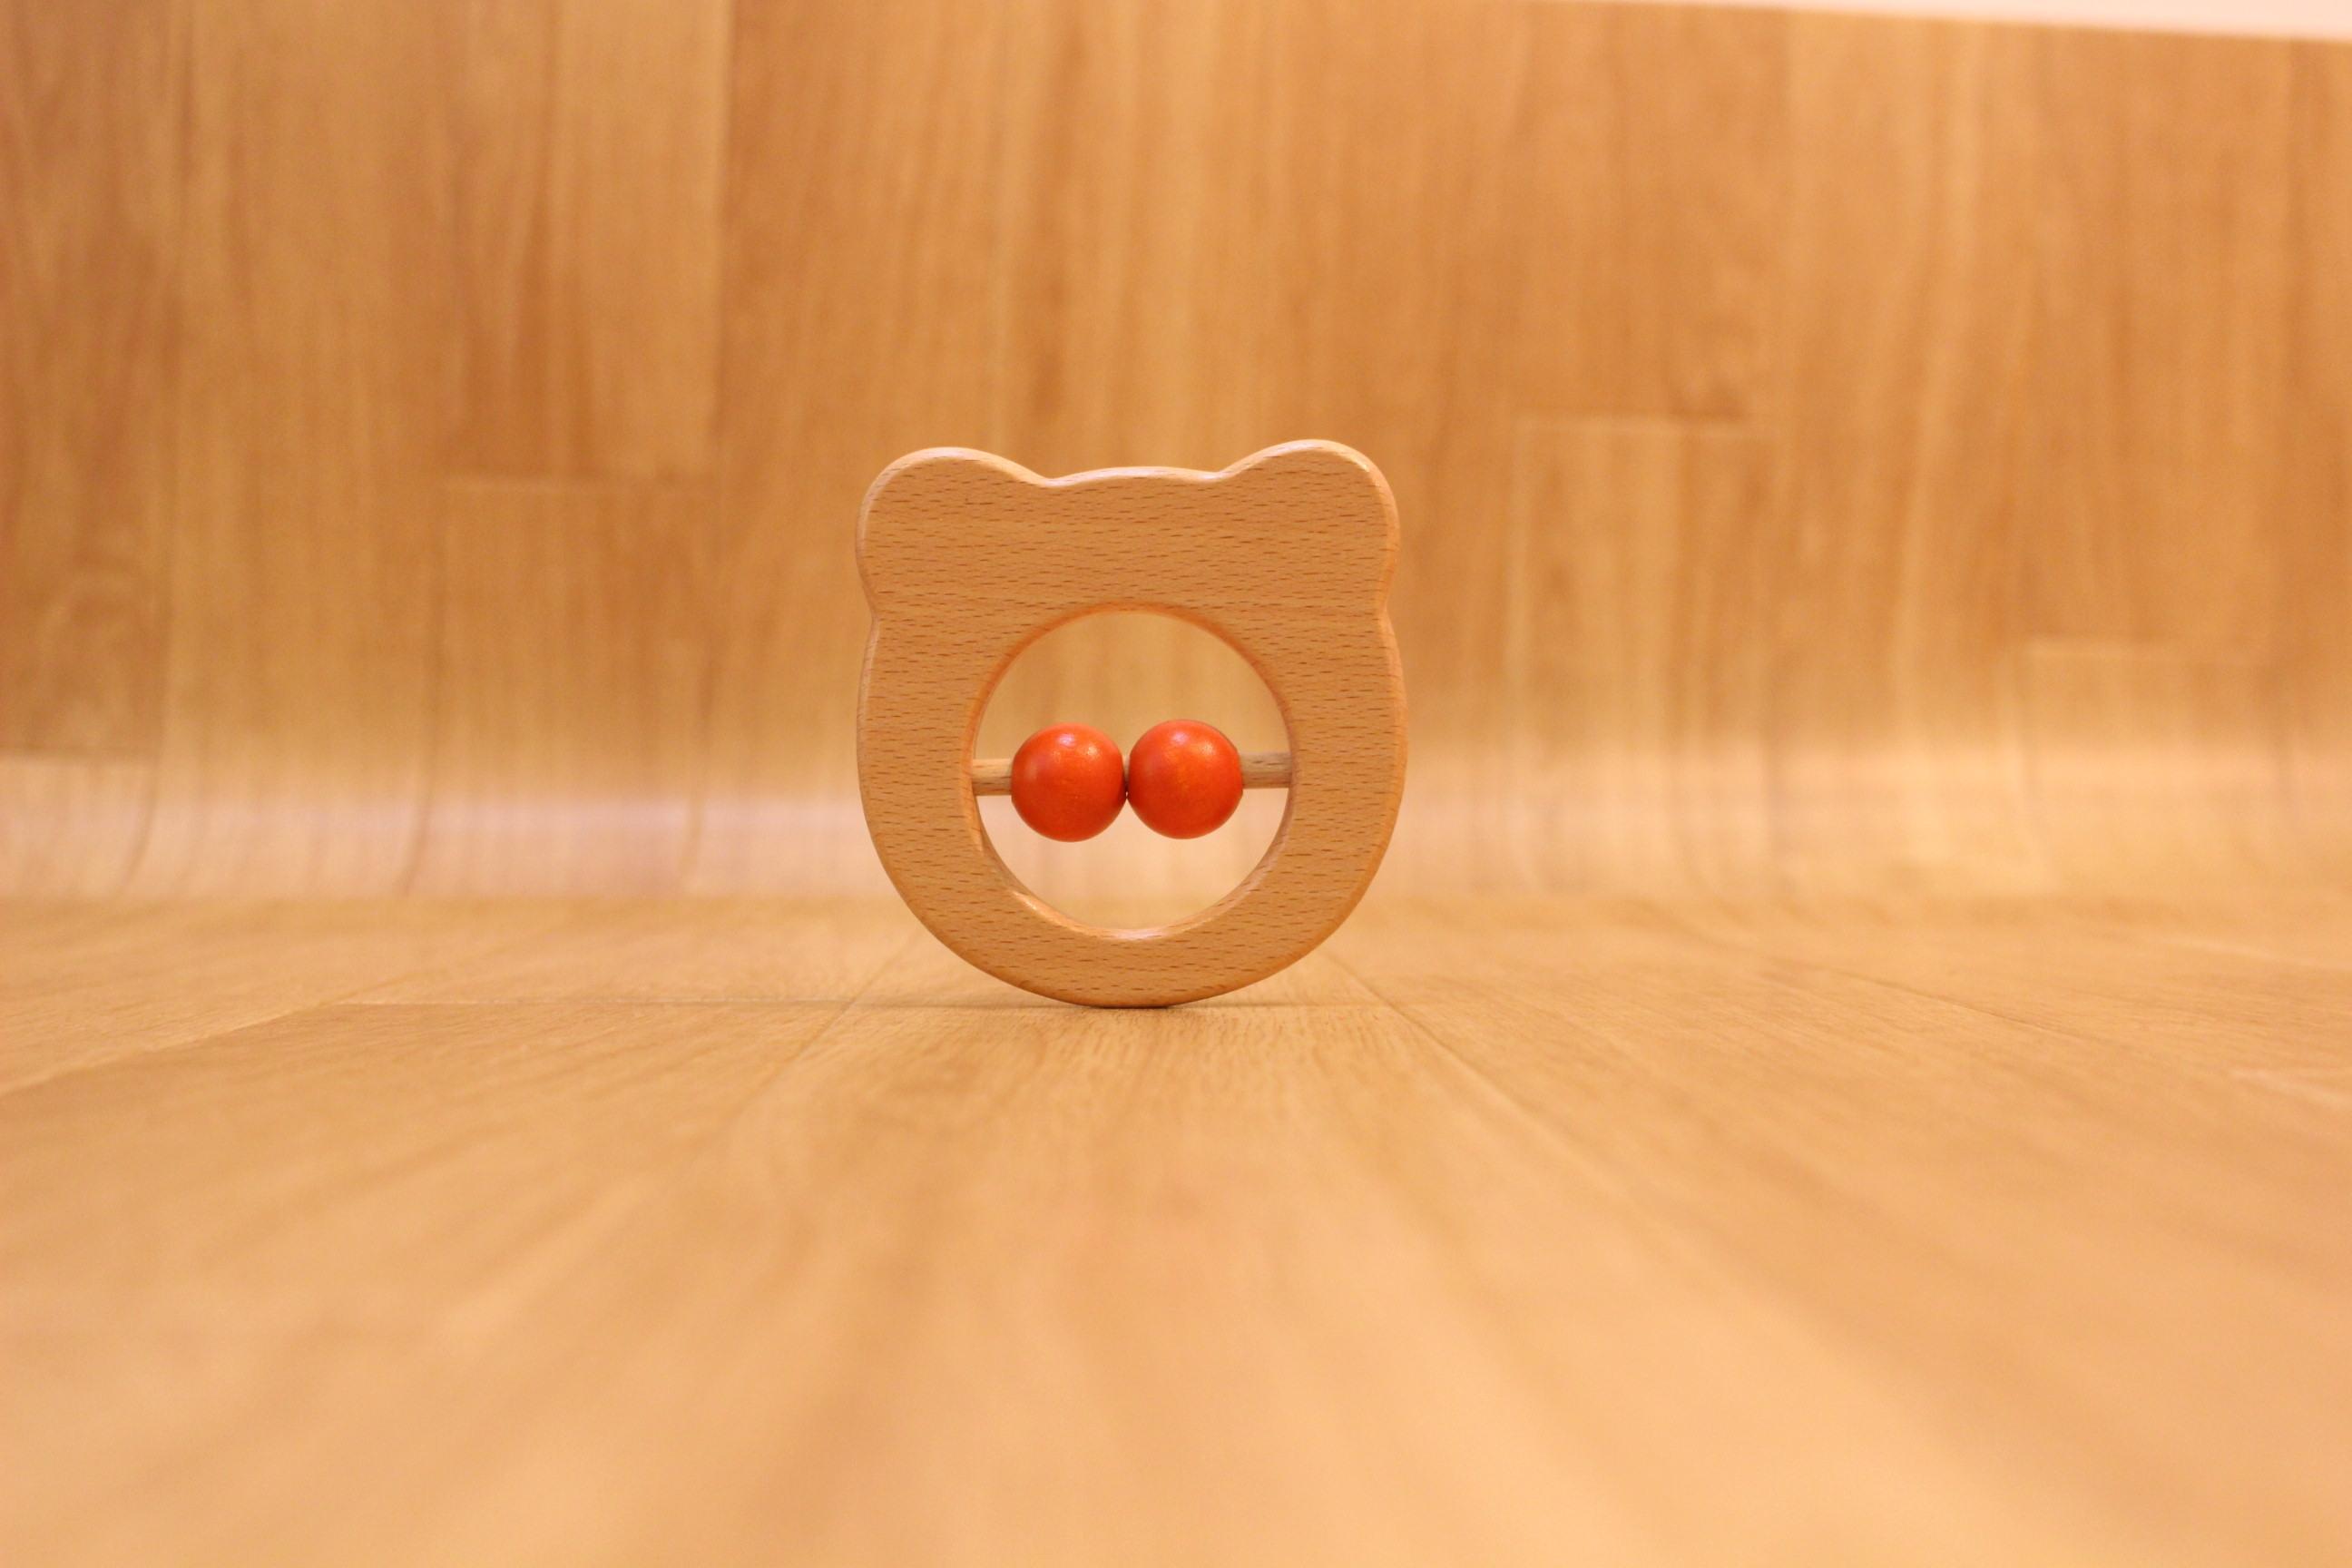 クマ - 画像2